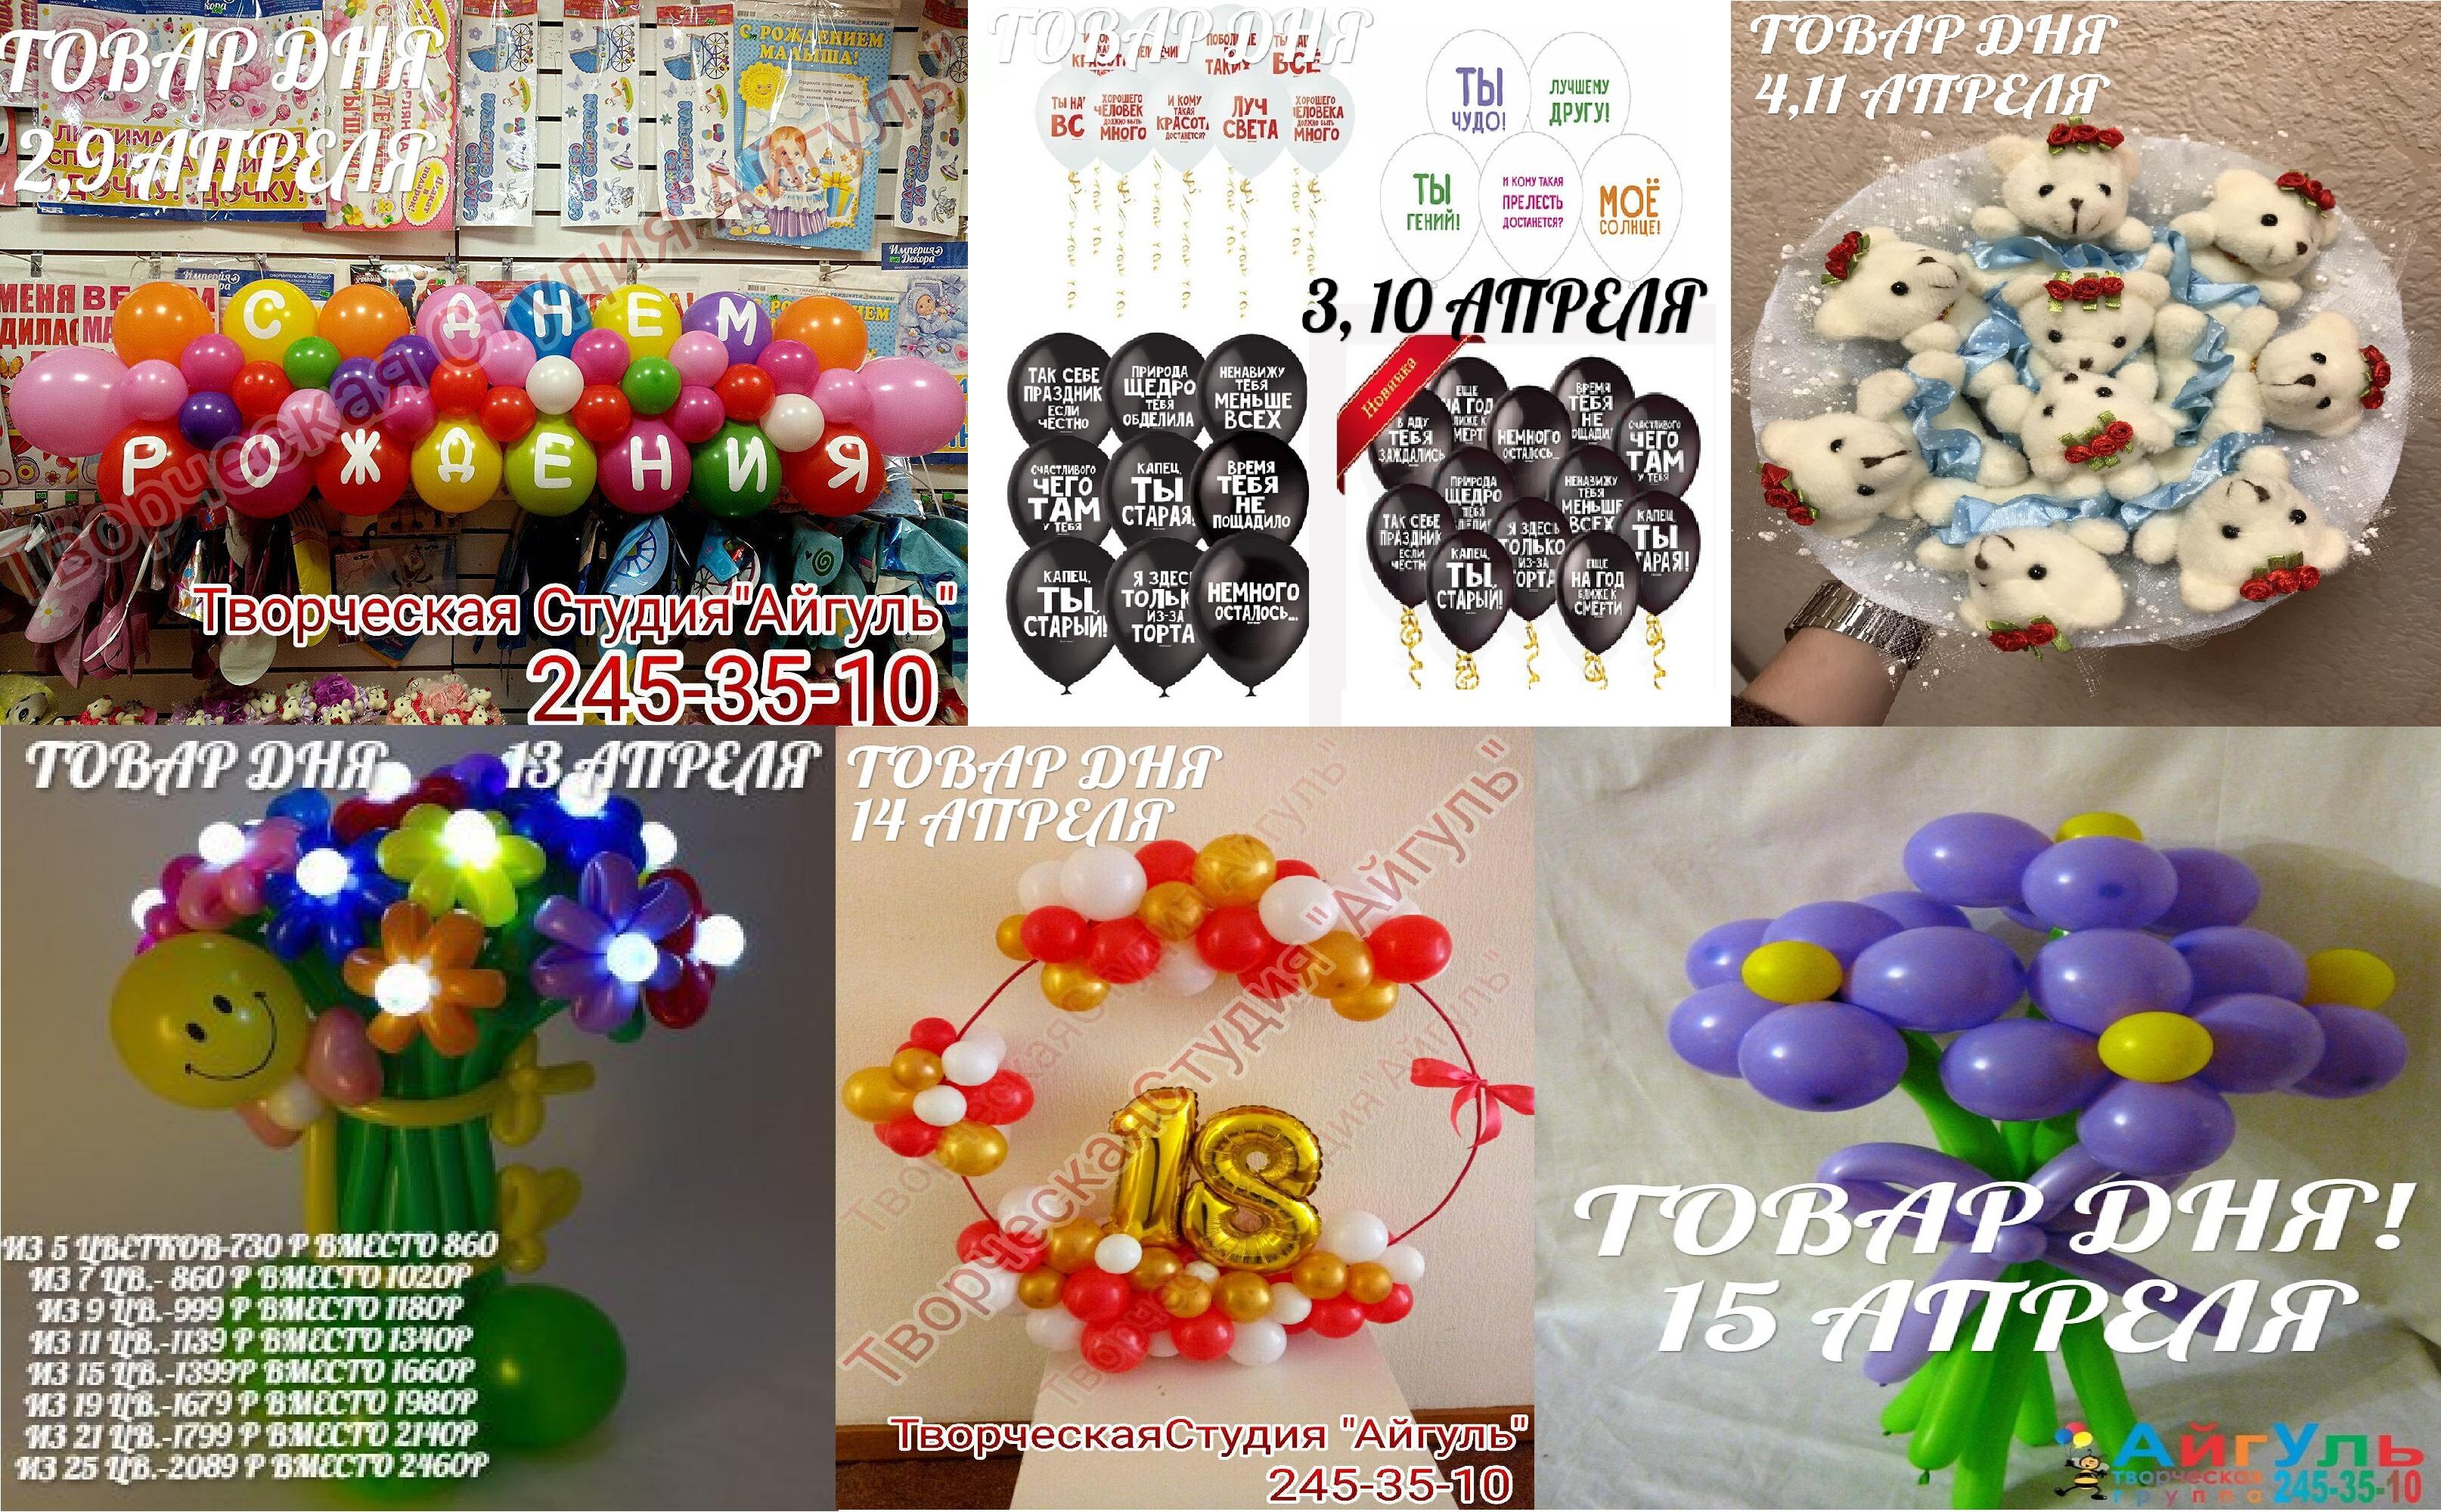 http://xn--116-5cdp9ap7d5d.xn--p1ai/images/upload/WqU16m47Zkw.jpg